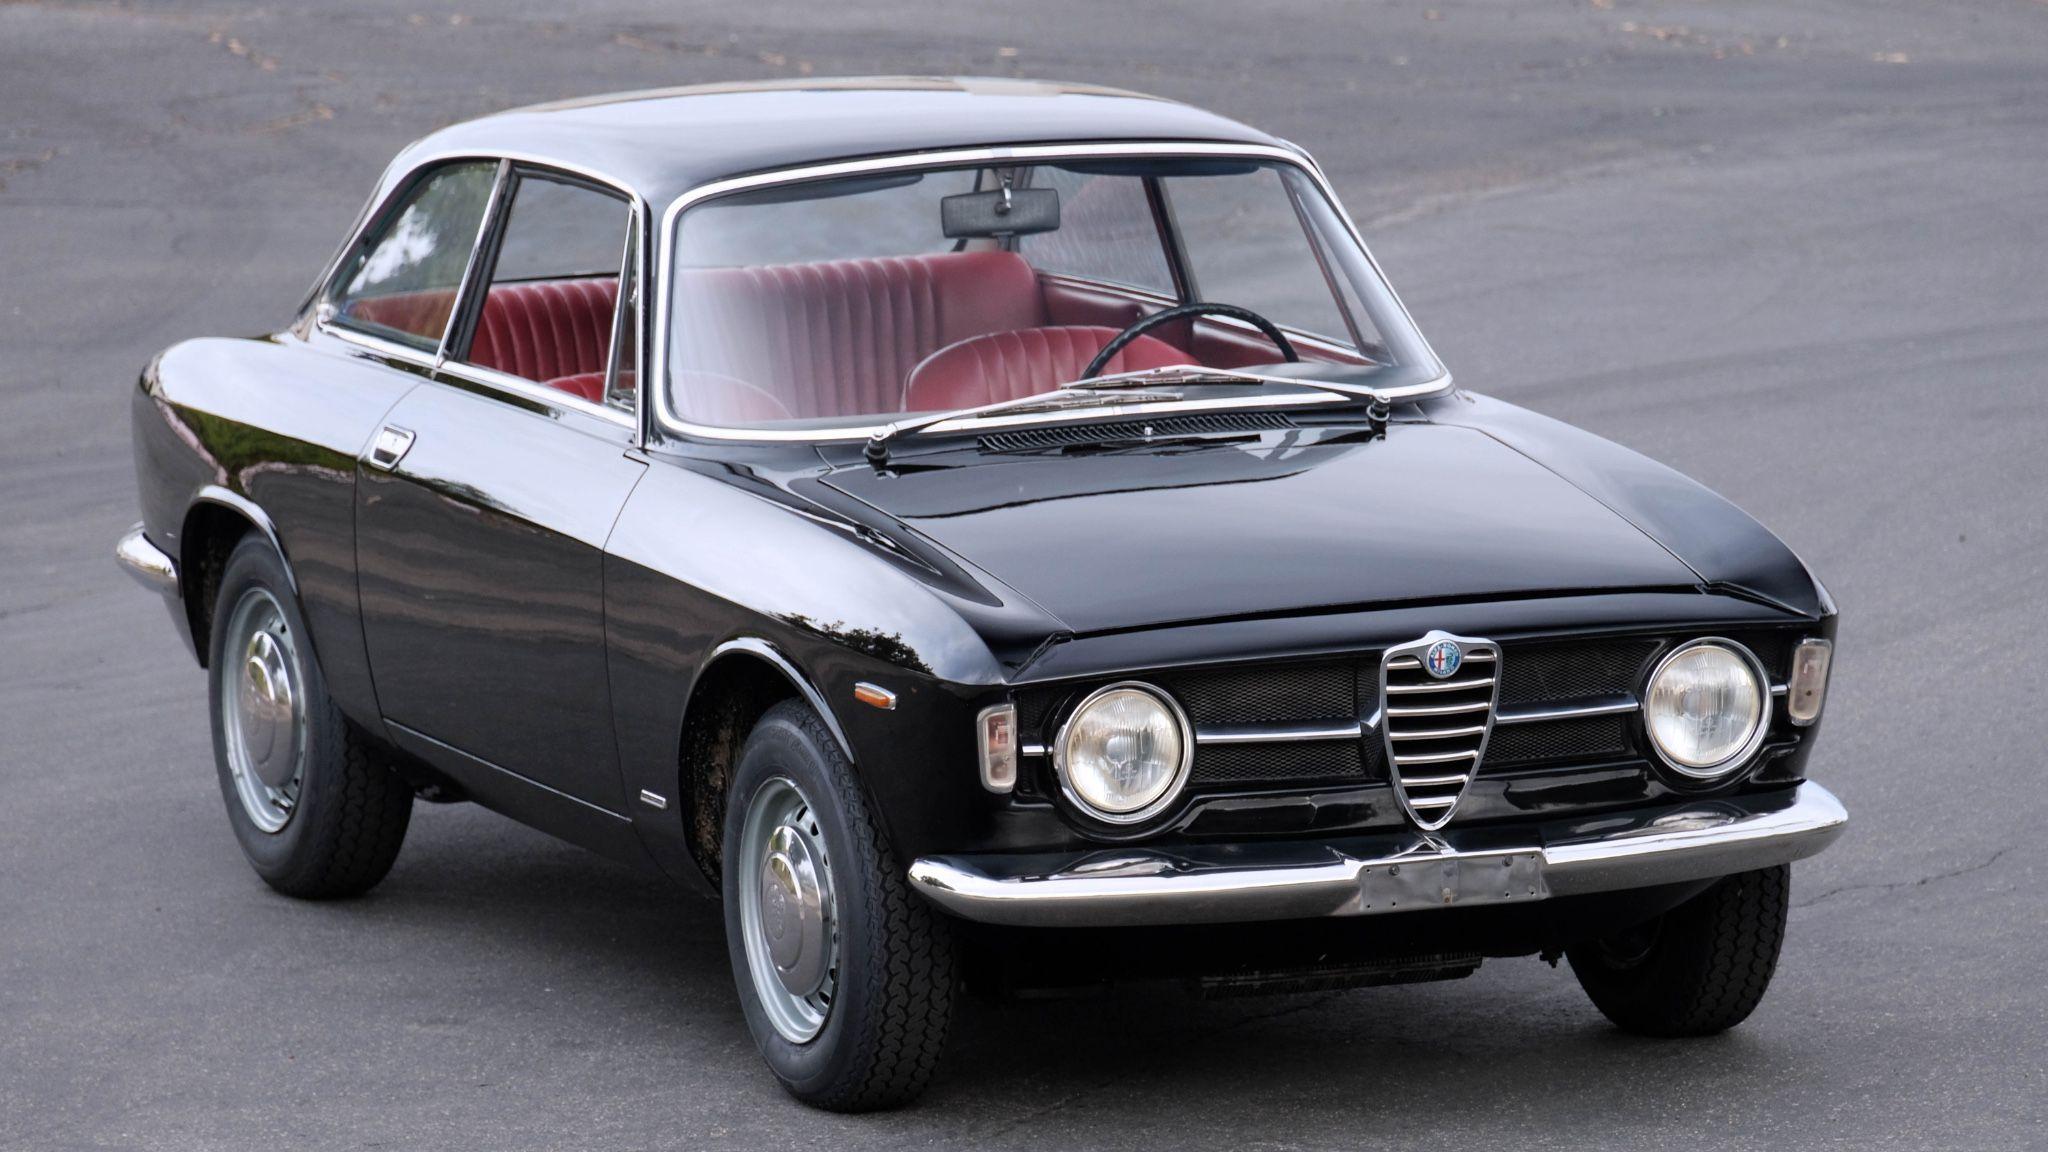 1967 Alfa Romeo Giulia Gt 1300 Junior Alfa Romeo Giulia Alfa Romeo Classic Cars Online